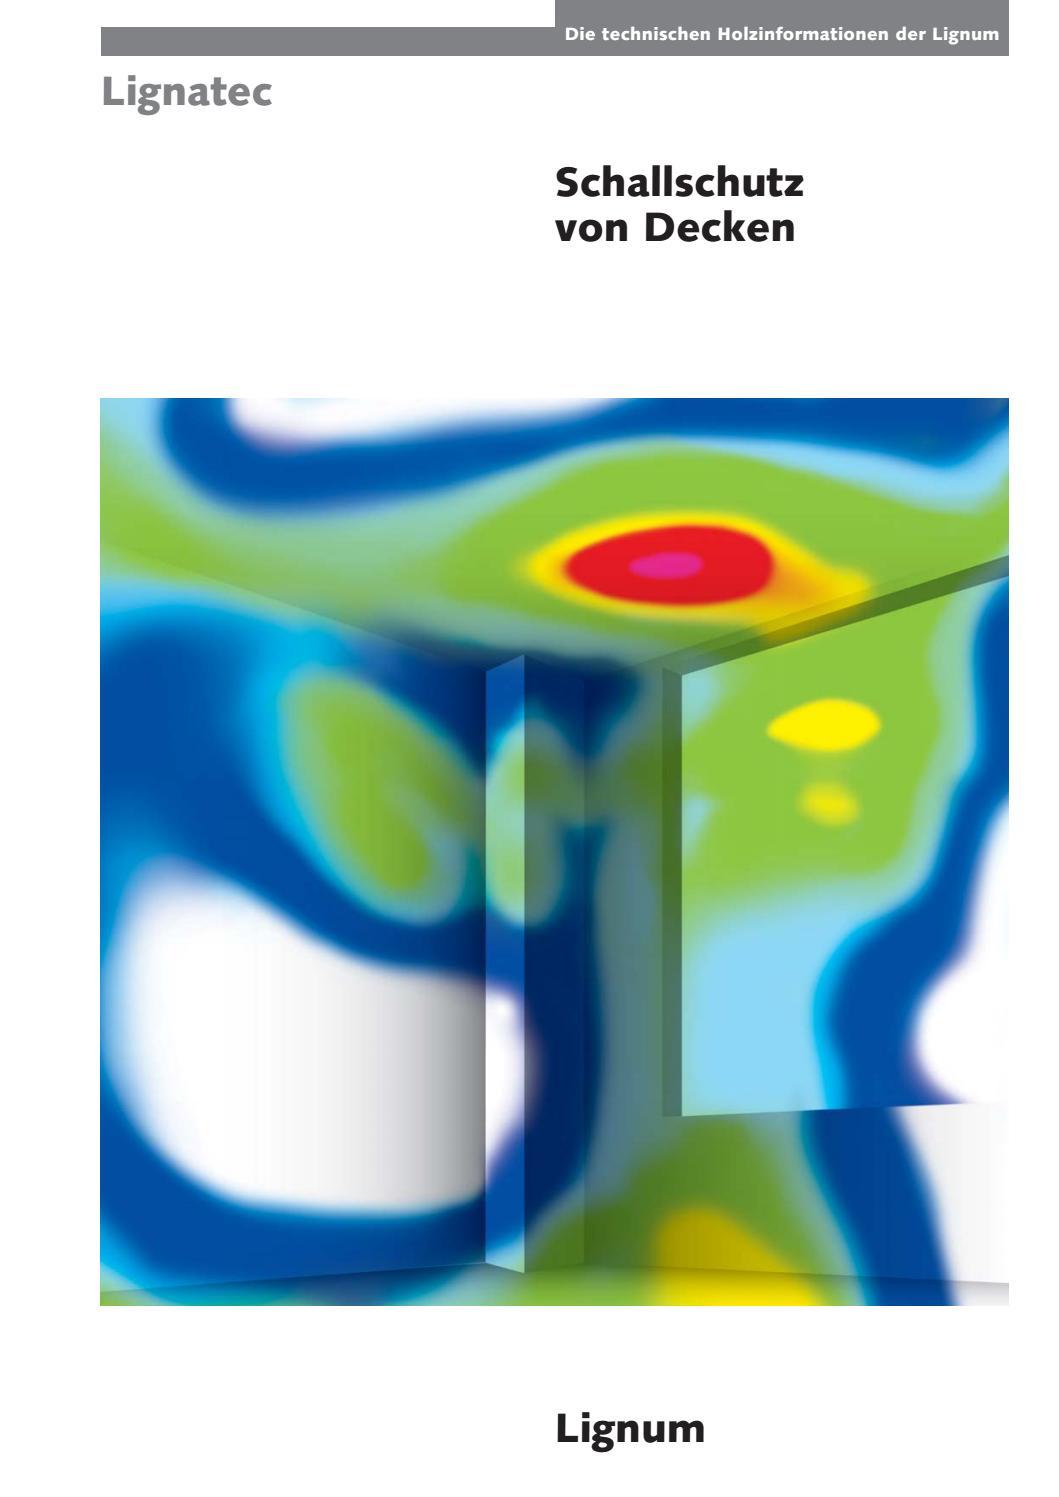 Glas & Praxis by GLAS TRÖSCH HOLDING AG - issuu